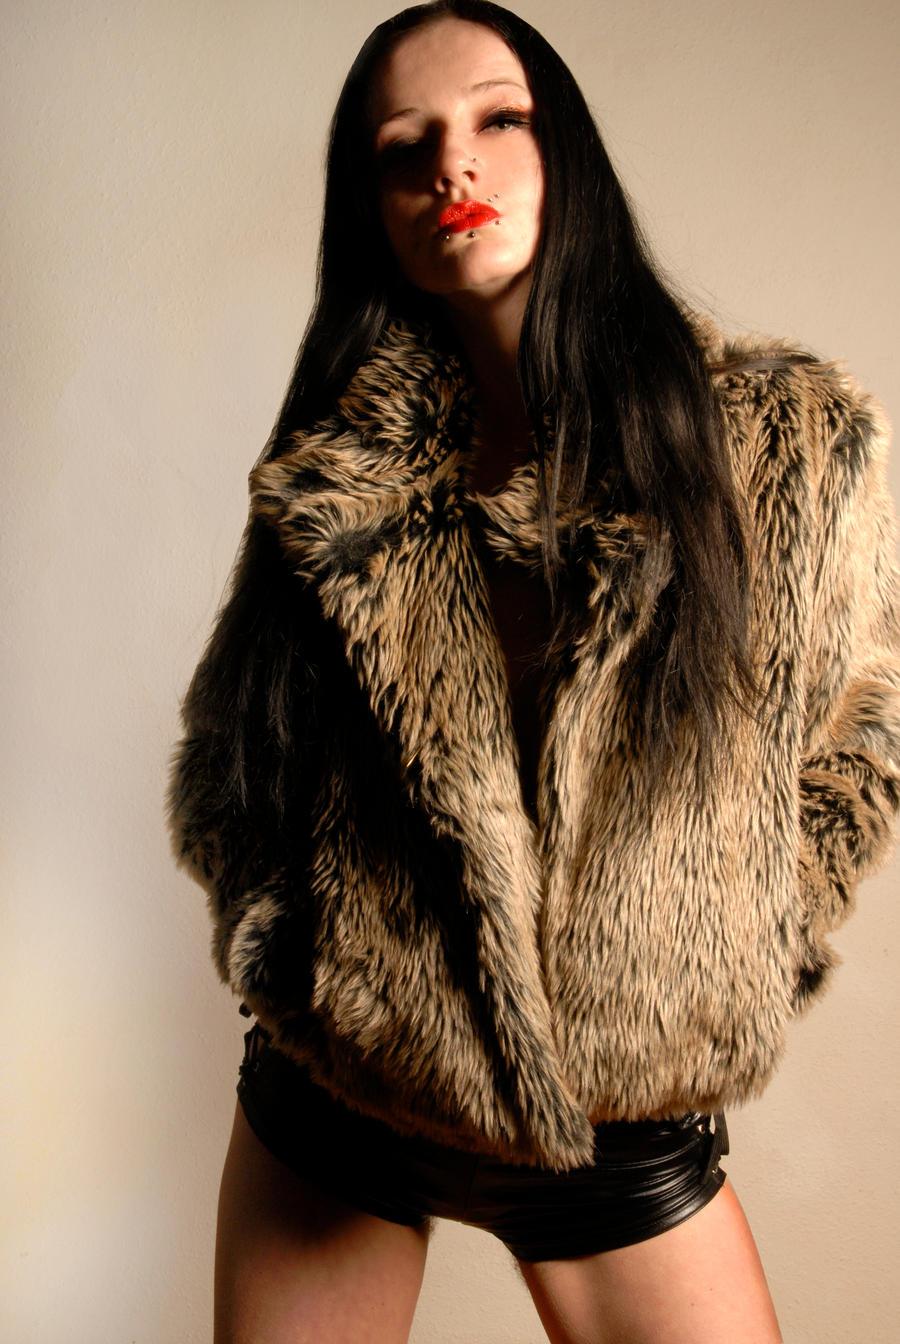 Lady in a fur coat III by Teufelin on DeviantArt